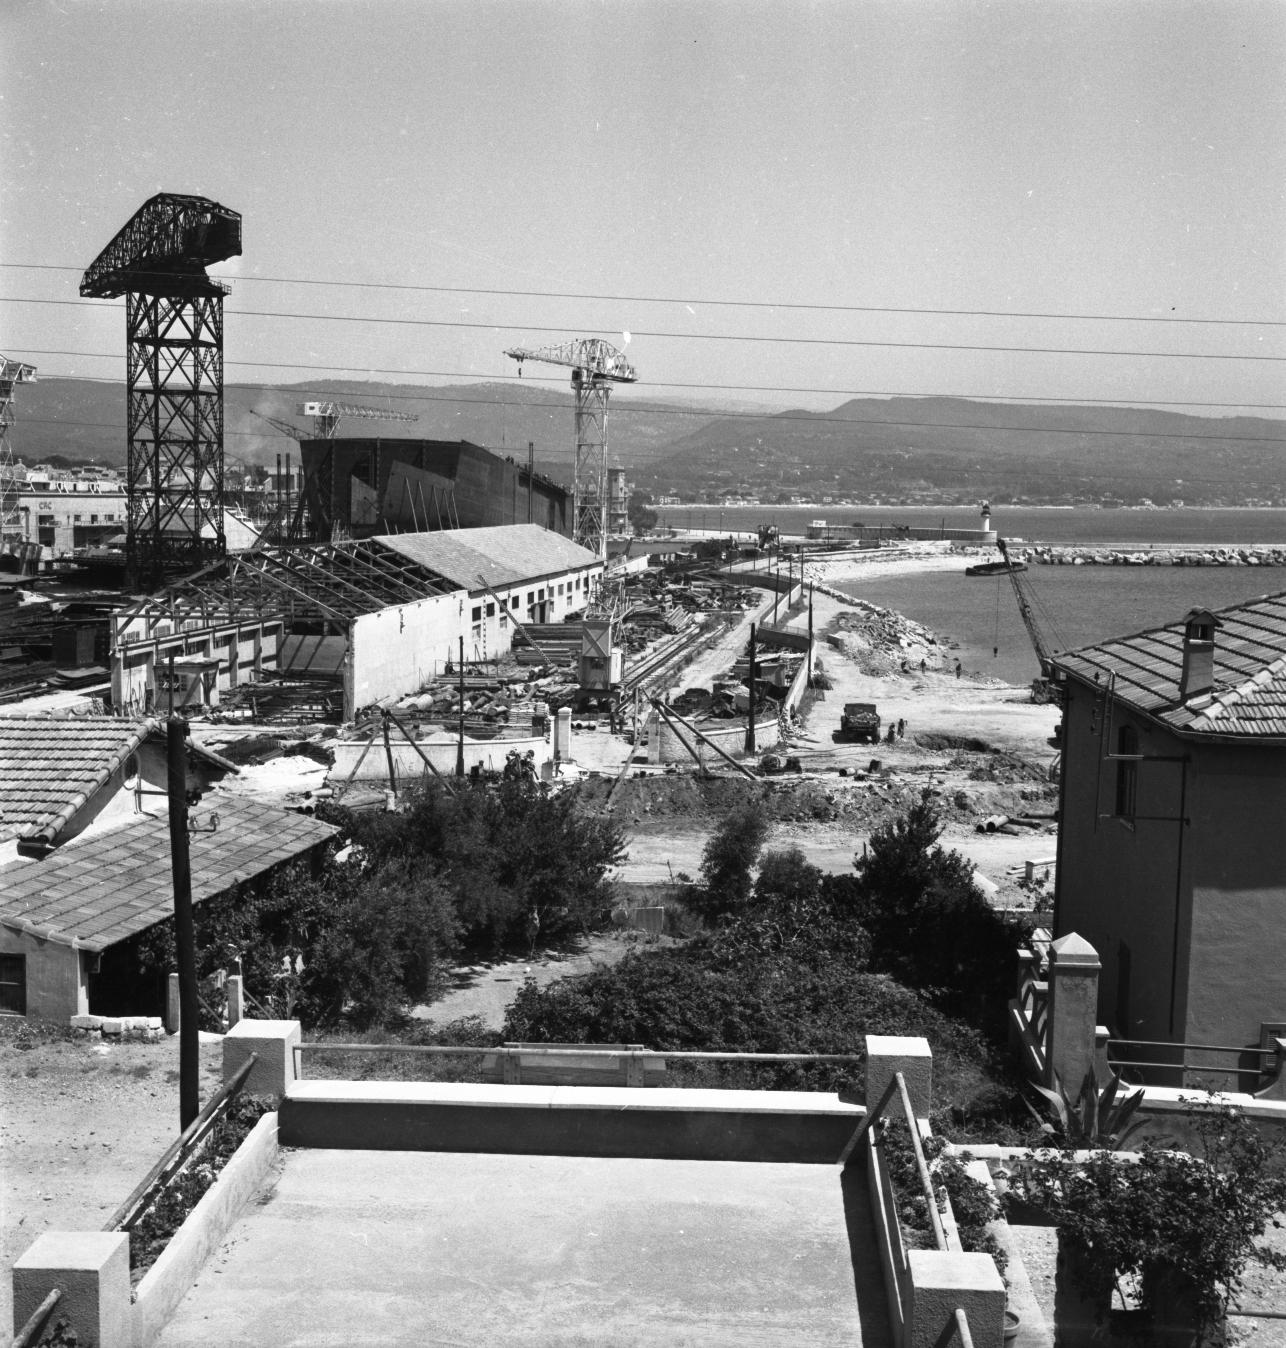 42 Fi 271 Transformation de l'anse du Pré ; l'accès à la mer va être limité et les anciens hangars destinés à abriter les hydravions sont démolis. 26/07/1953